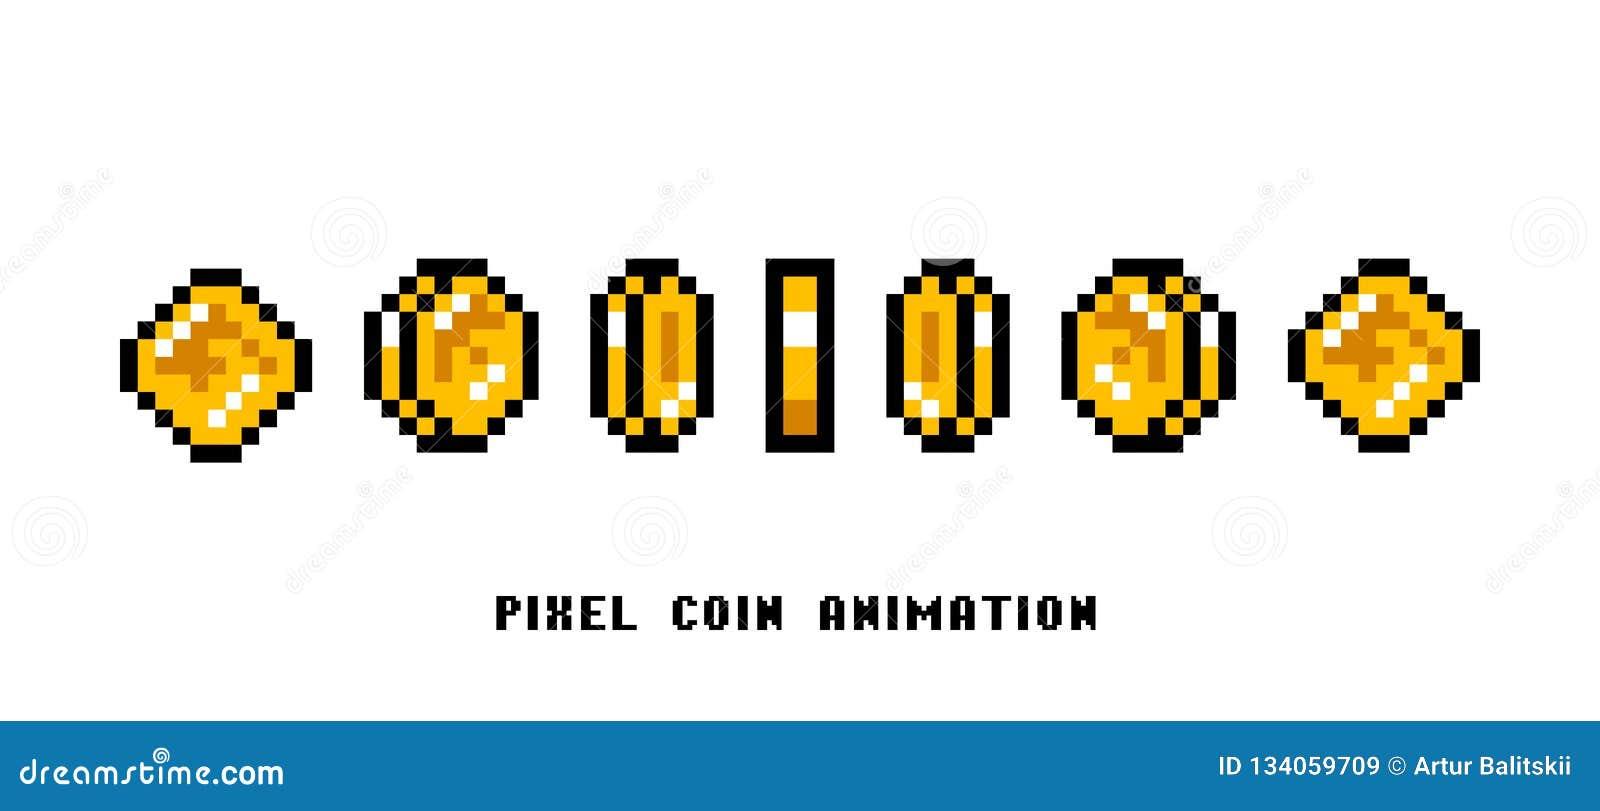 硬币的动画 映象点艺术8被咬住的对象 设置葡萄酒计算机录影拱廊的象 减速火箭的比赛财产 的treadled